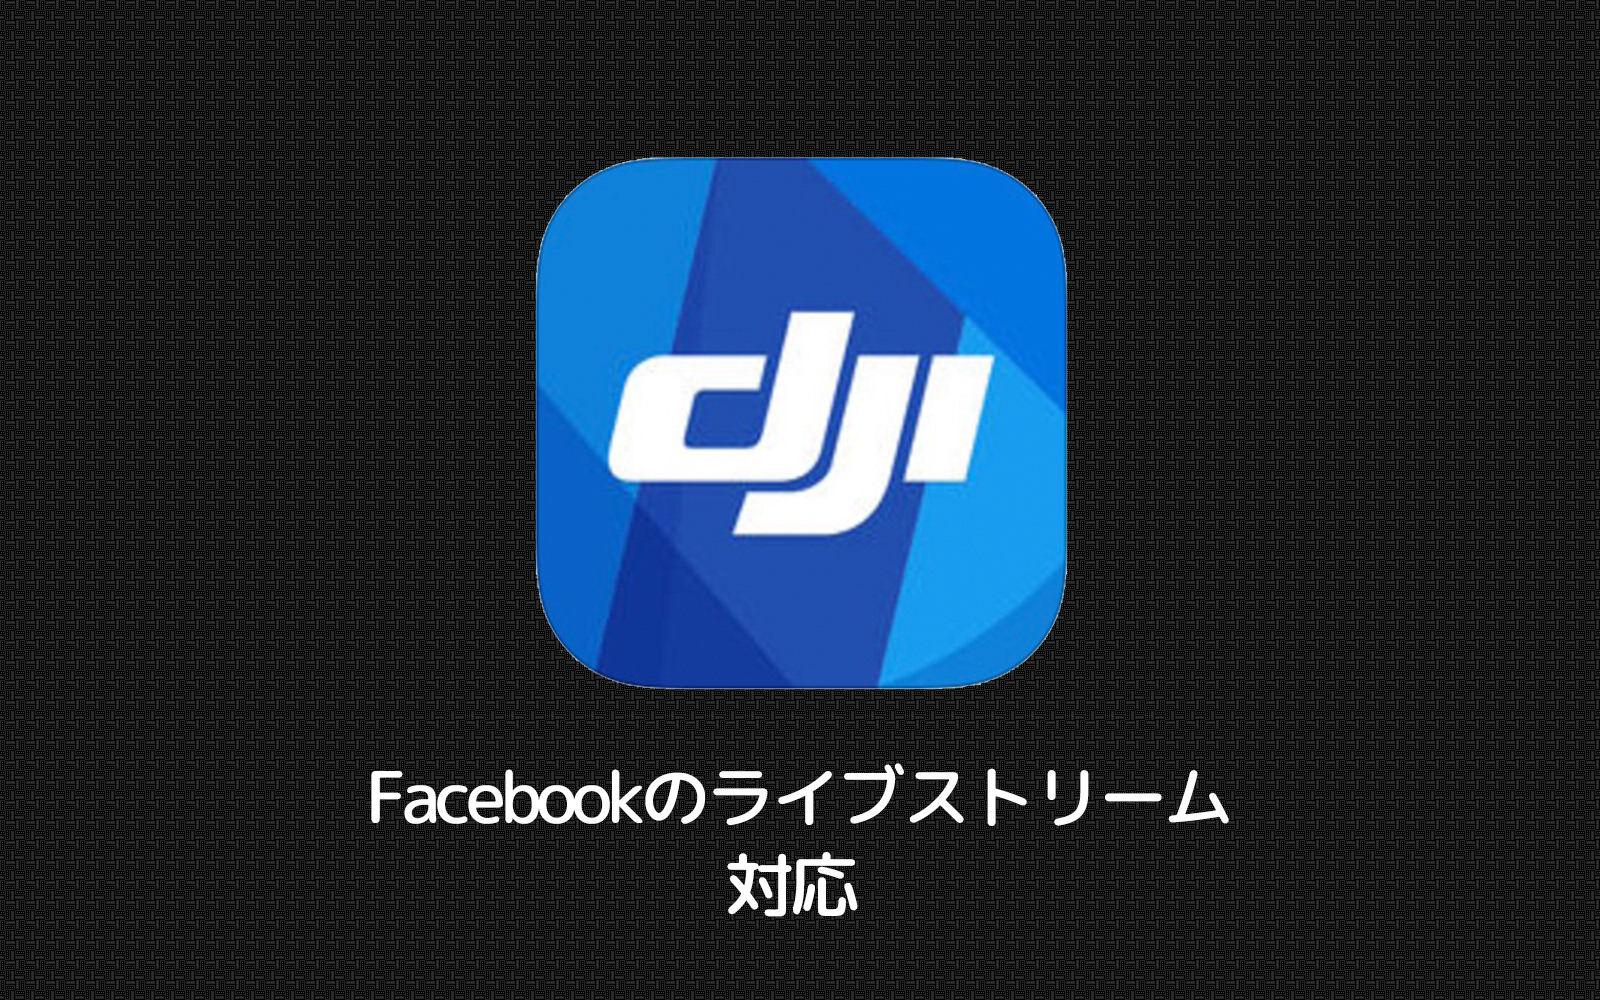 DJI GOがアップデートにより「Osmo Mobile」で「Facebookのライブストリーム」に対応